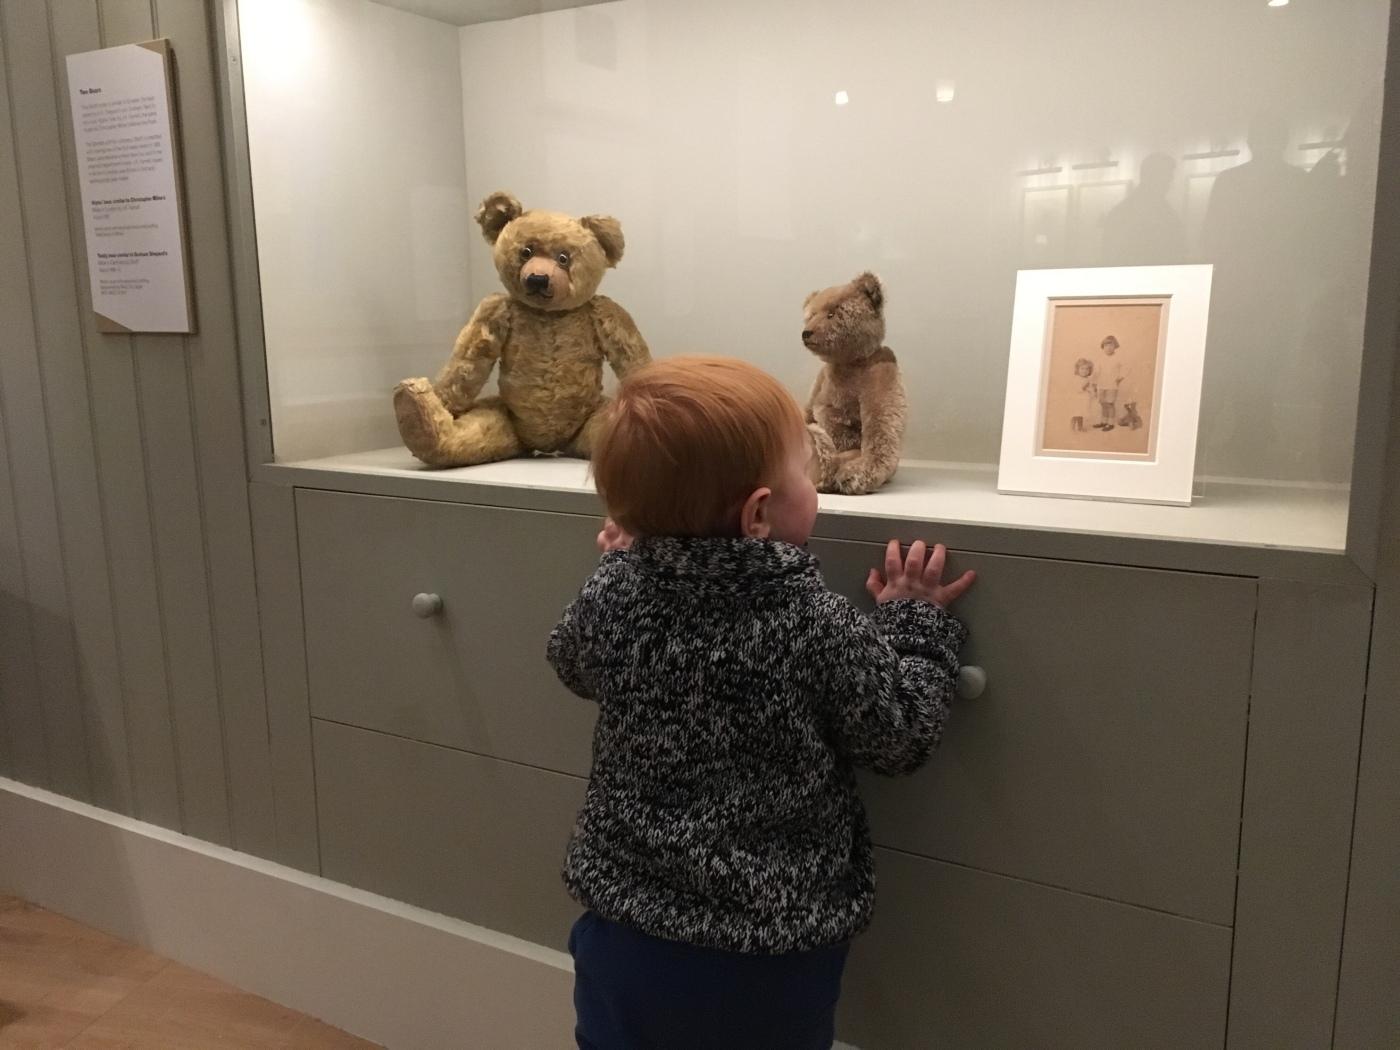 E.H. Shepard's son's teddy bear Growler